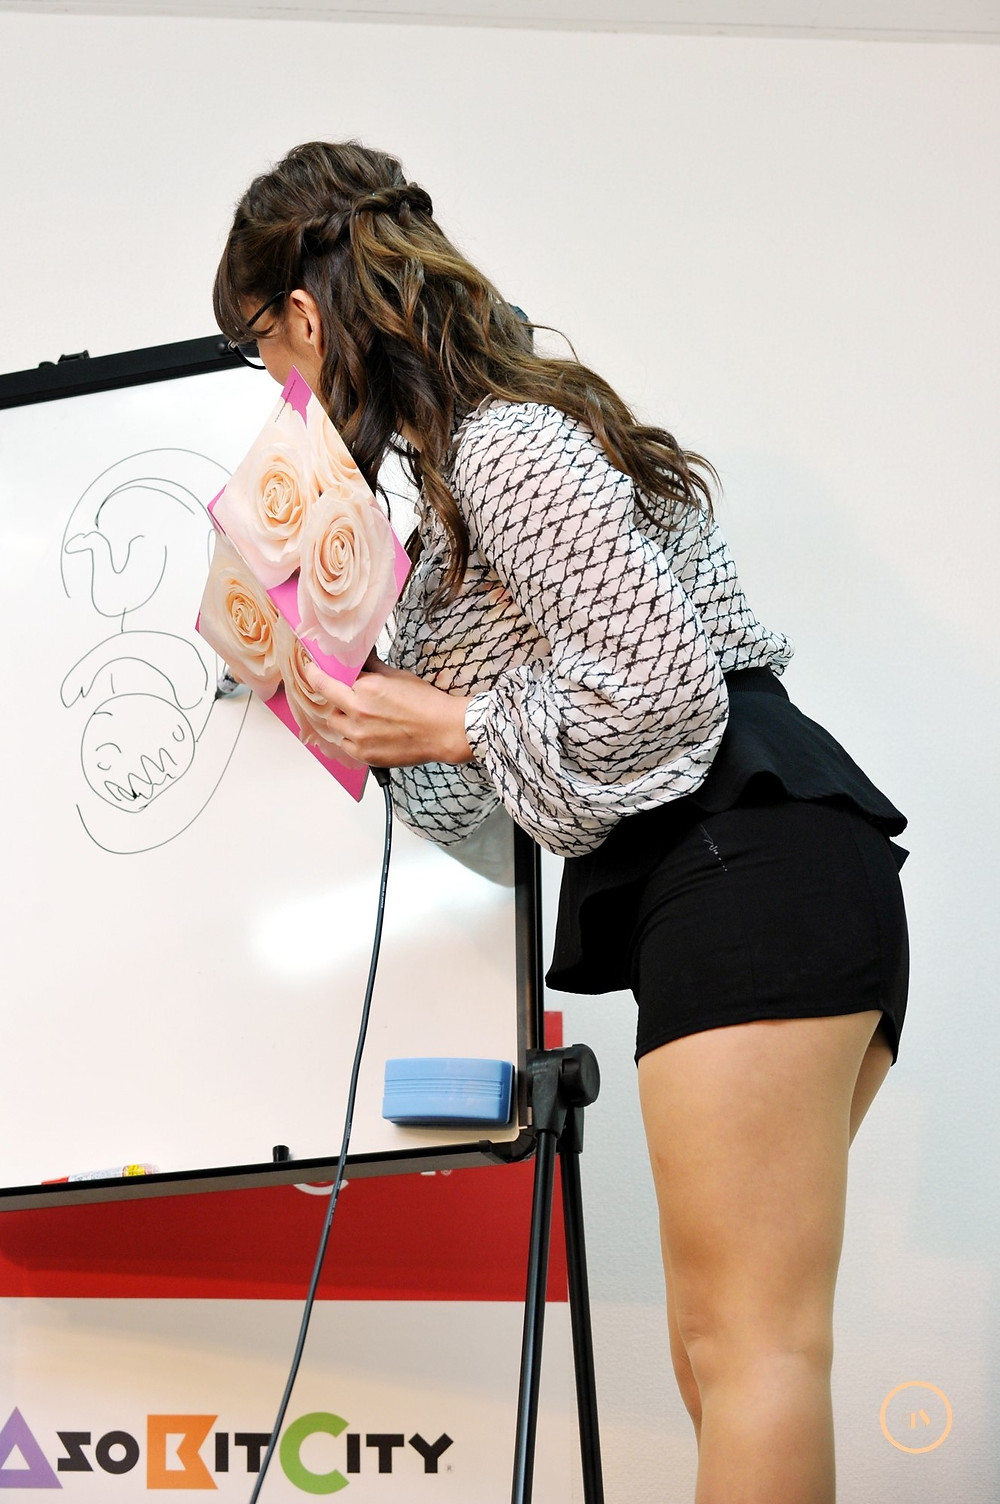 巨乳巨尻むっちりグラドル藤井まりおの女教師「耳ツボマッサージ」 (2)